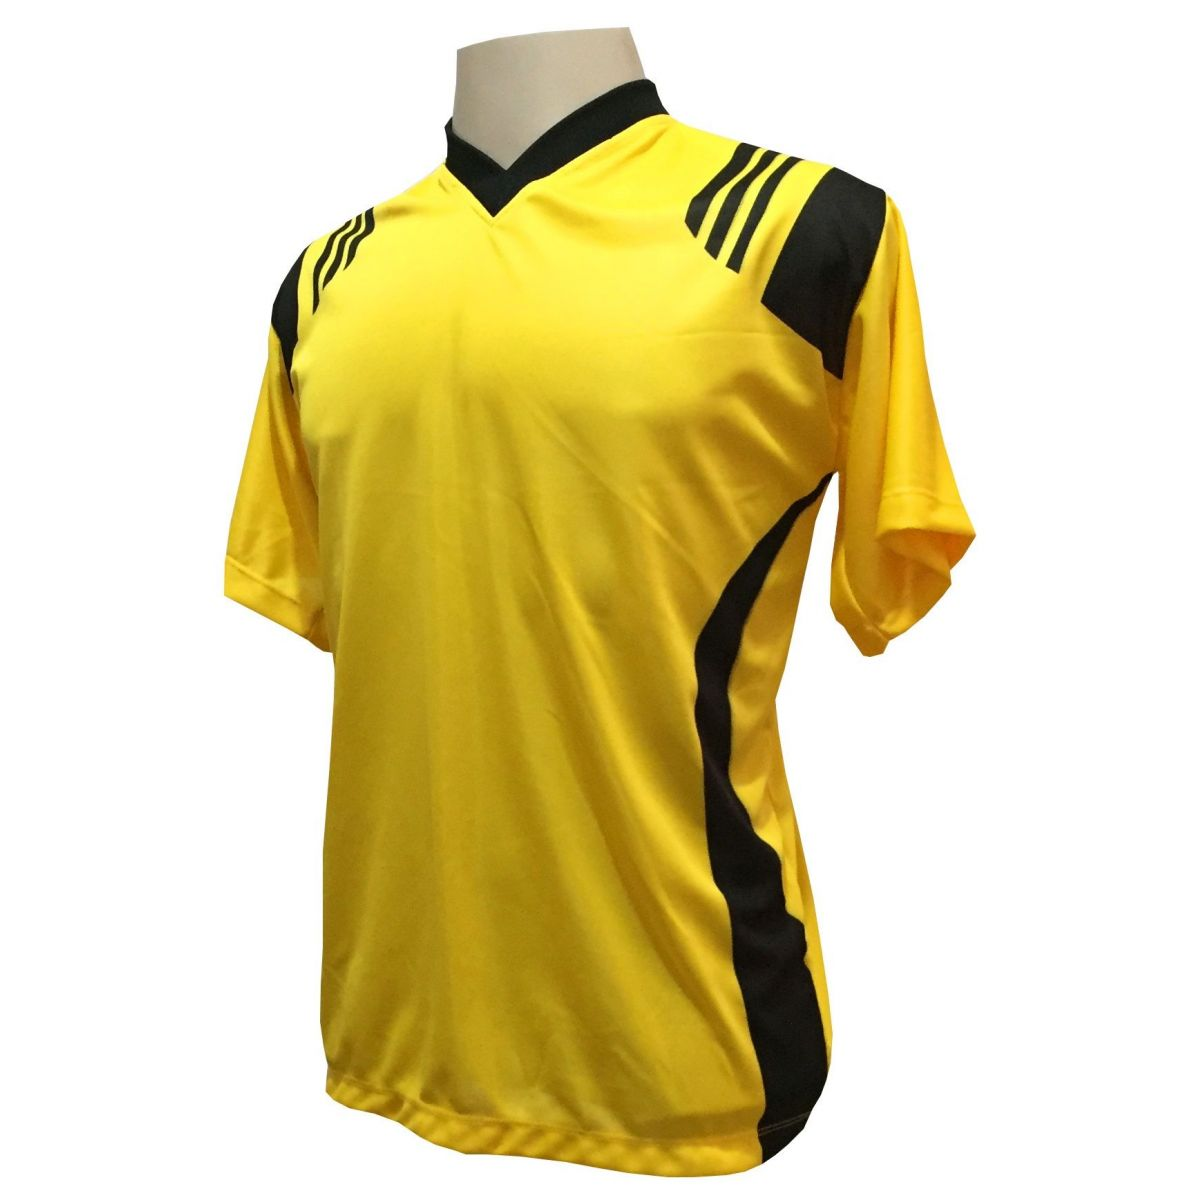 Uniforme Esportivo com 20 camisas modelo Roma Amarelo/Preto + 20 calções modelo Copa Preto/Amarelo + Brindes